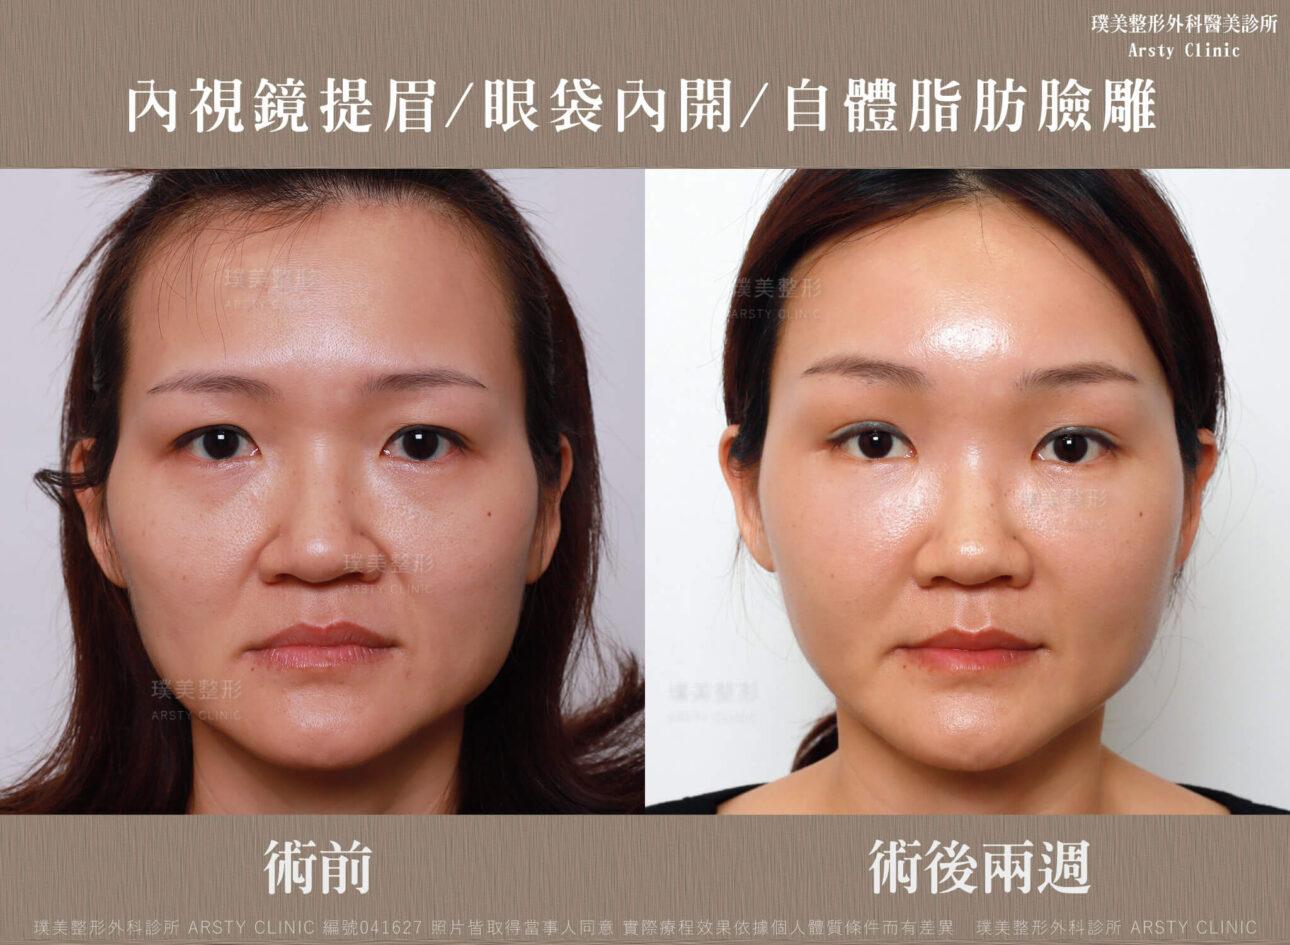 內視鏡提眉 上臉拉提 拉皮 眼袋內開 臉雕補脂 BA 041627 三個月正面 10